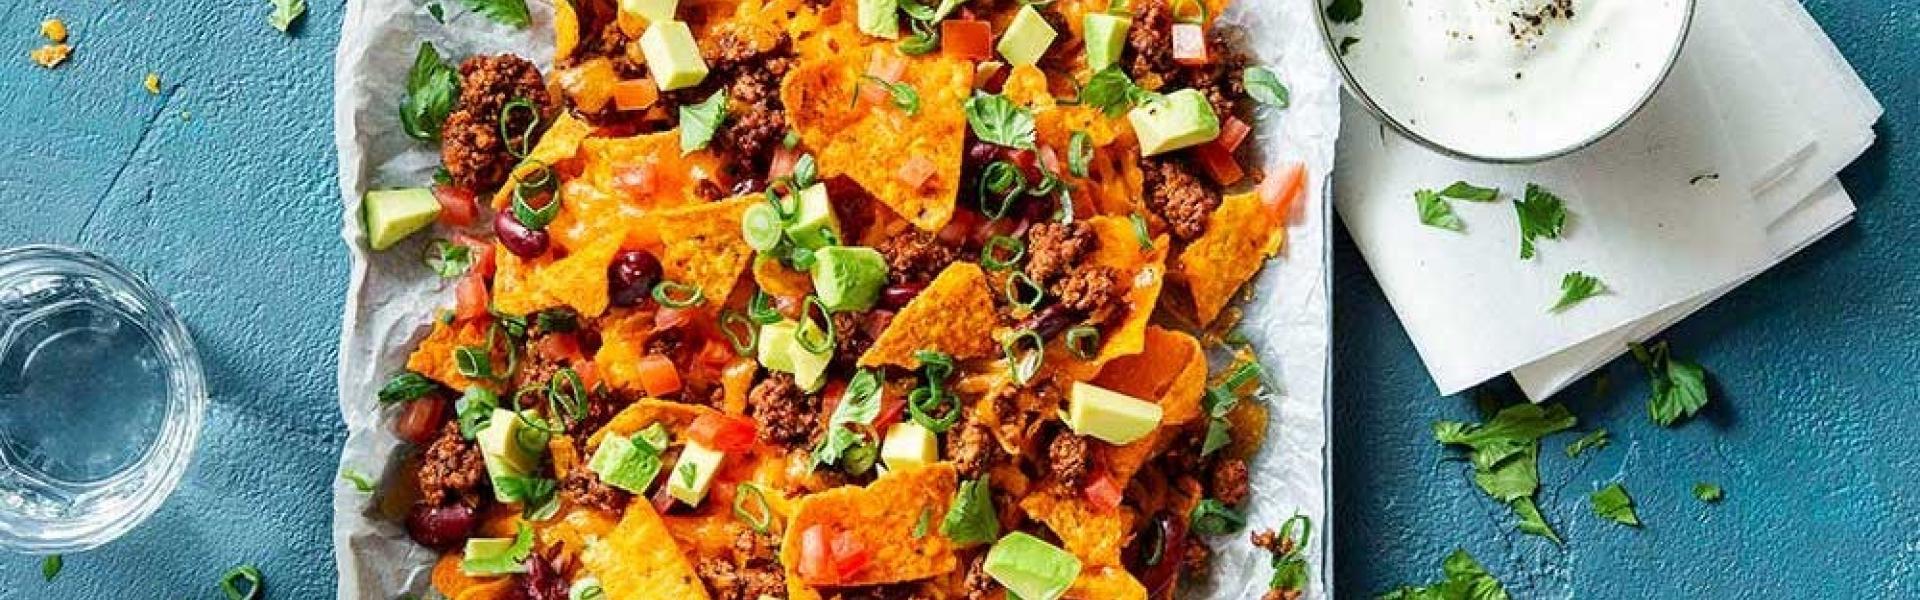 Überbackene Nachos mit Chili con Carne auf Backblech